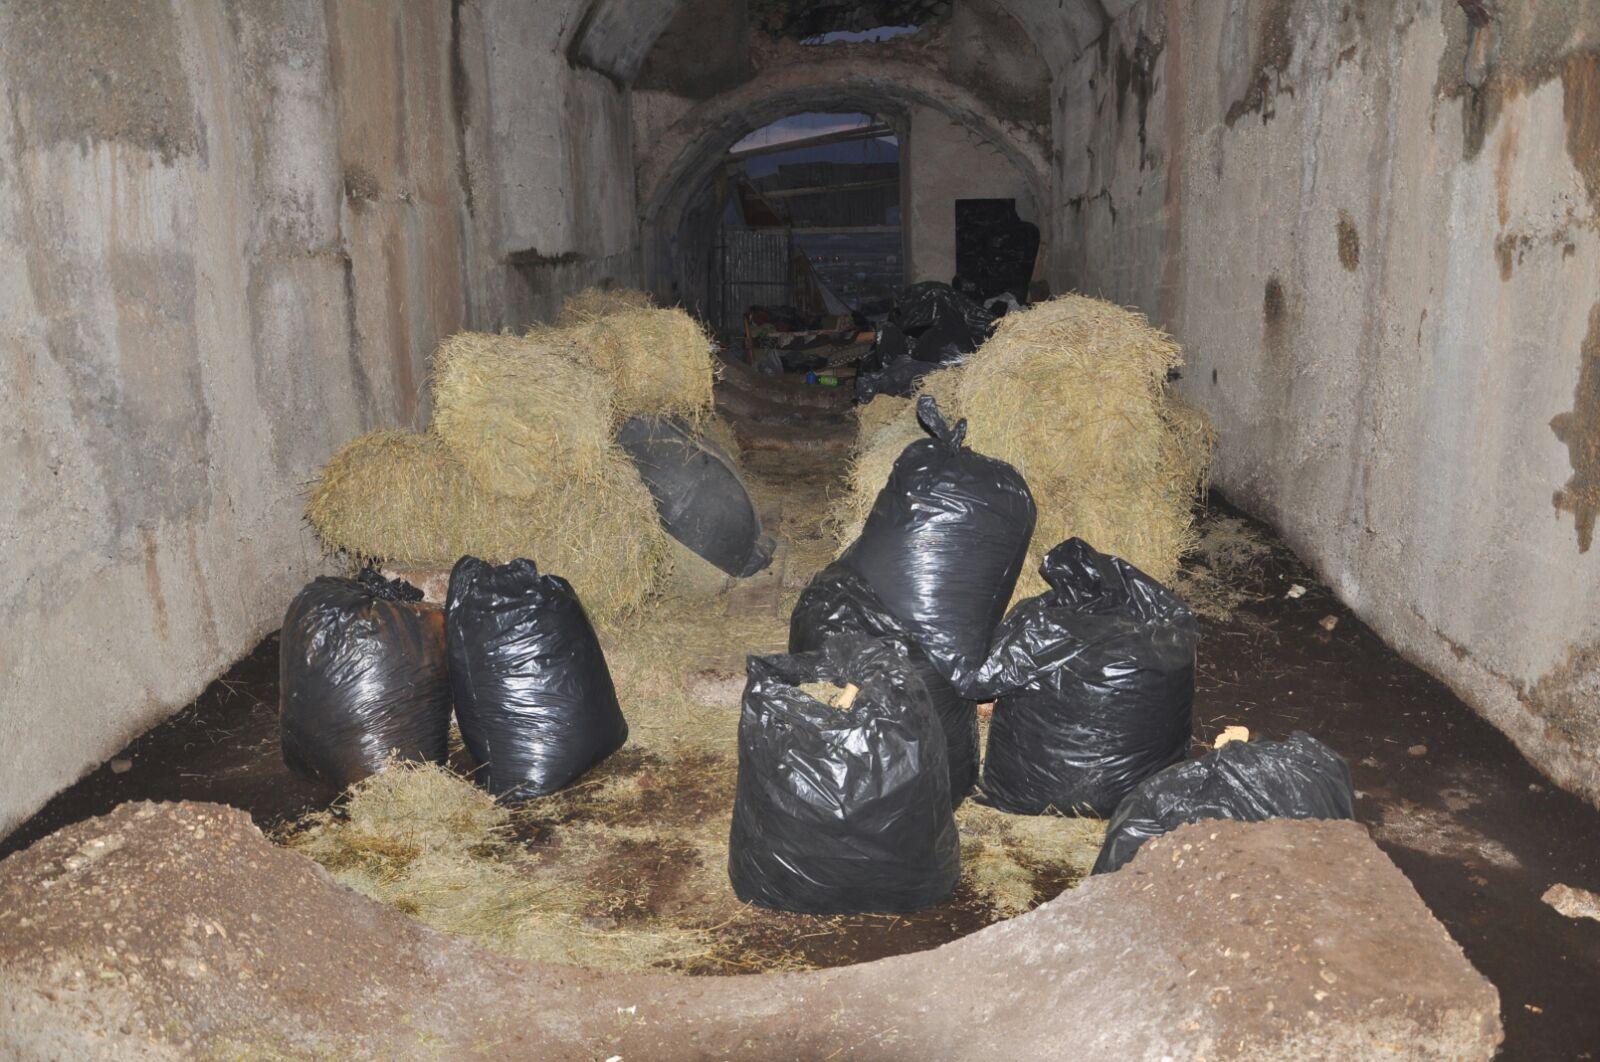 Zbulohen tunele që kultivojnë lëndë narkotike në Elbasan